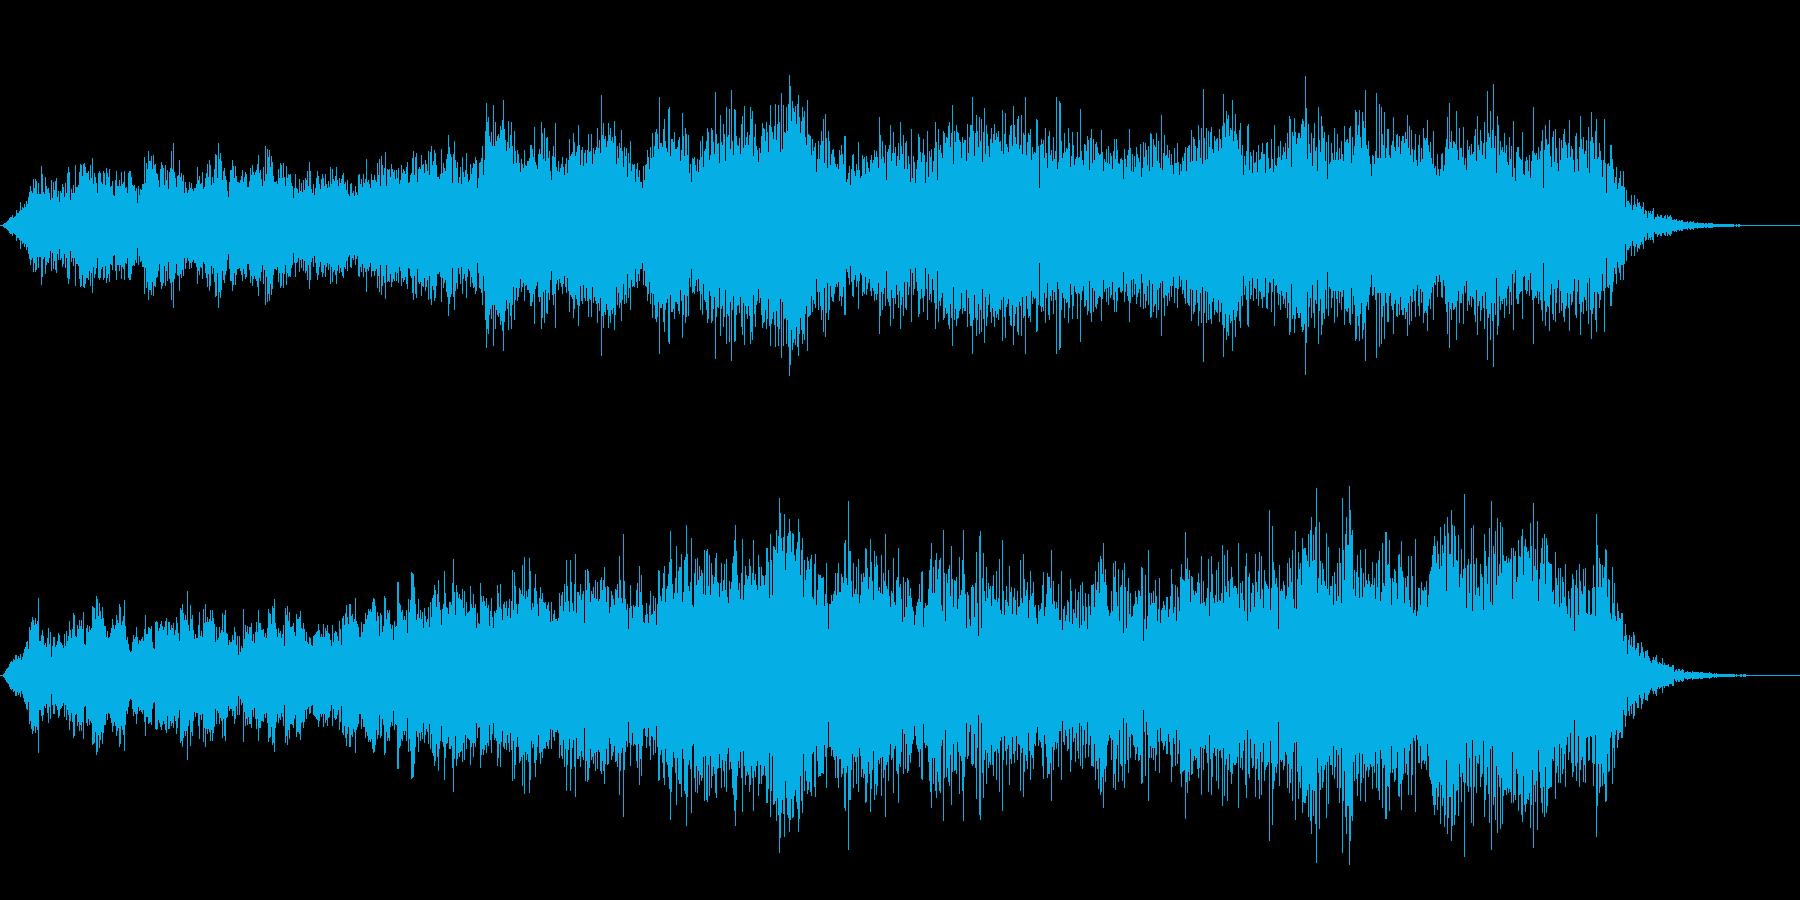 ヌァーーン(怪しい雰囲気の音)の再生済みの波形